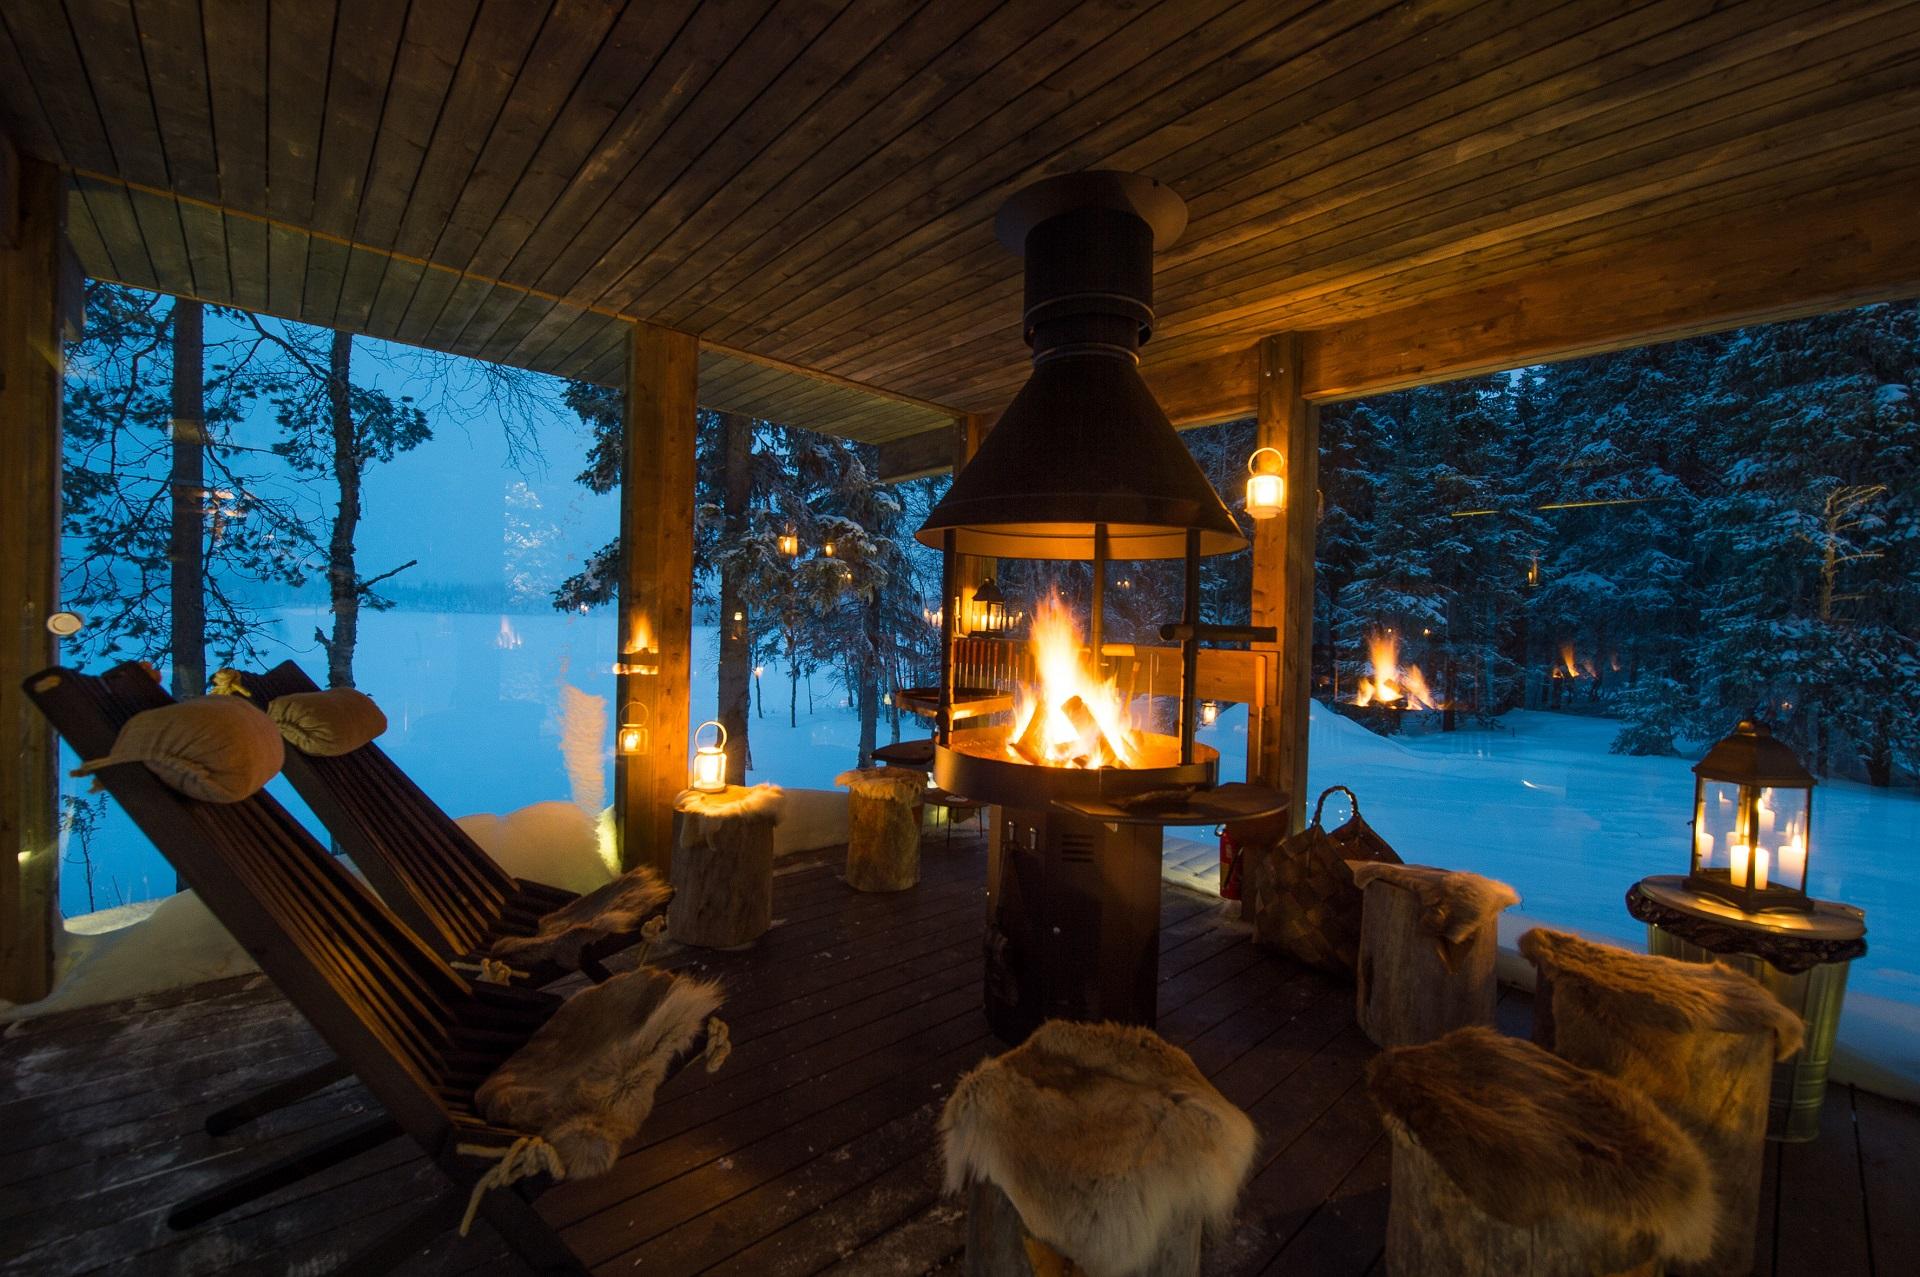 ruka chalets bilder sandozconcept winterreisen weltweit. Black Bedroom Furniture Sets. Home Design Ideas